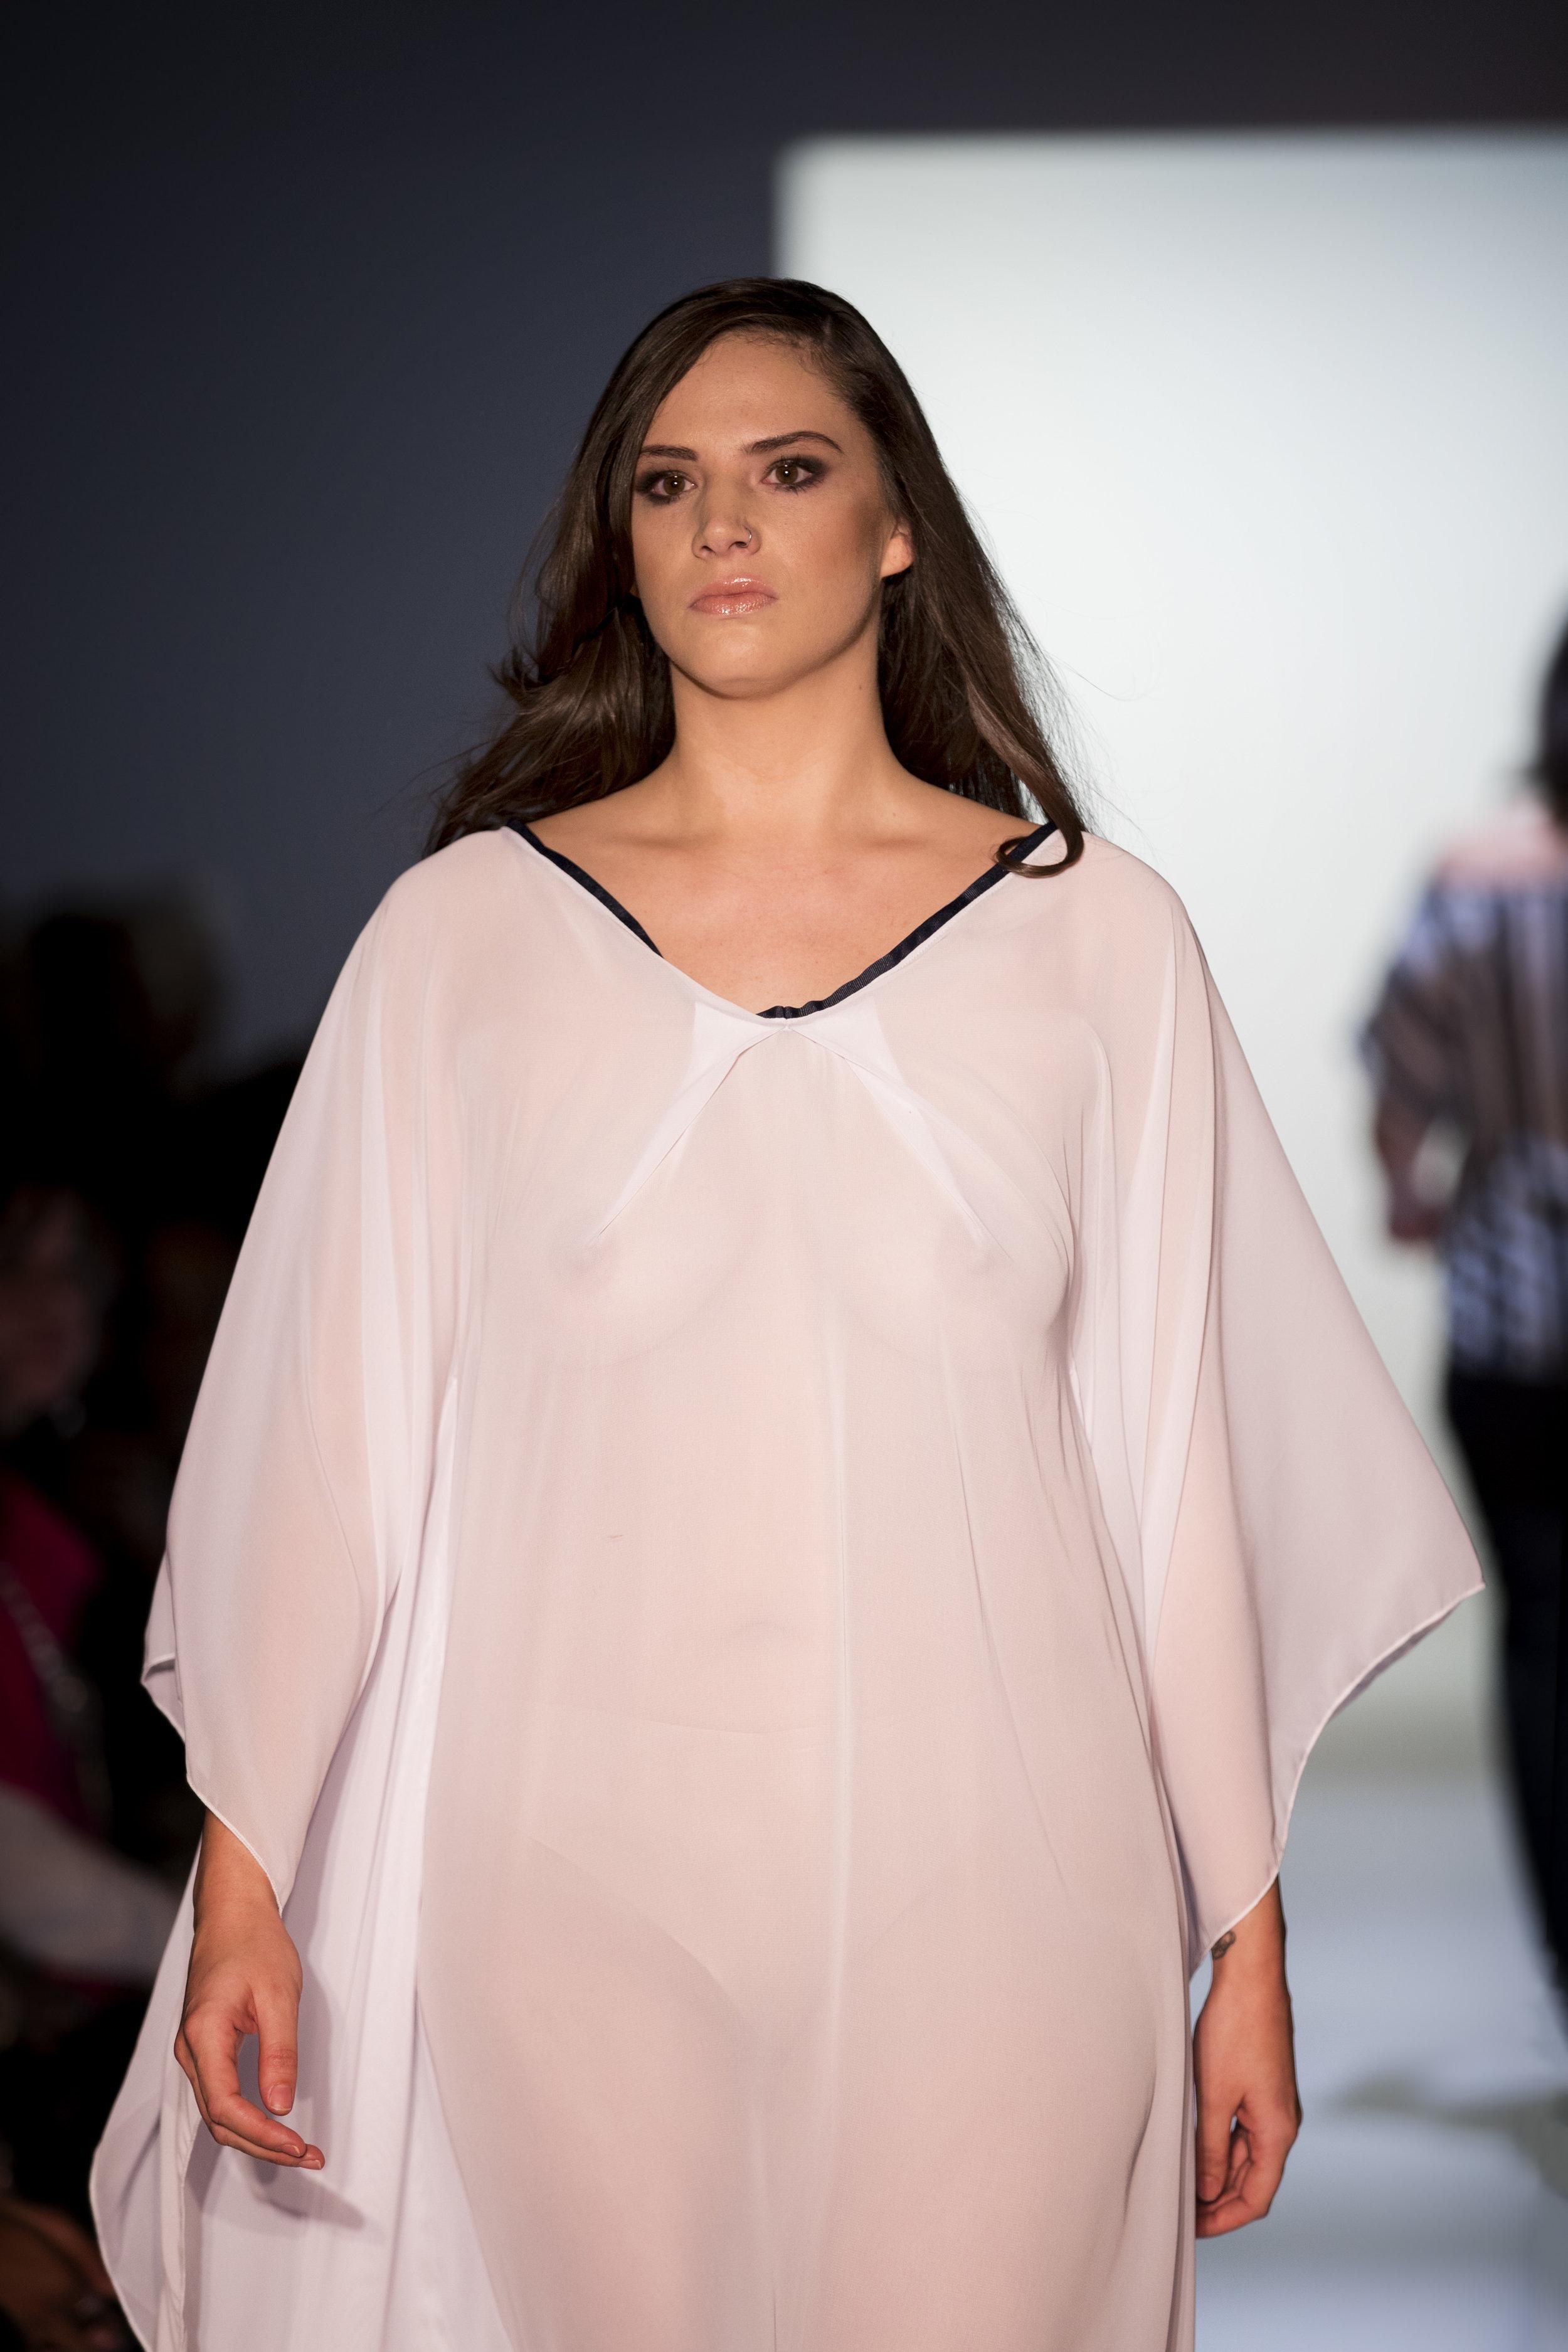 Massif Fashion Week 2017 Day 3 Stephanie Carlson - 026.jpg